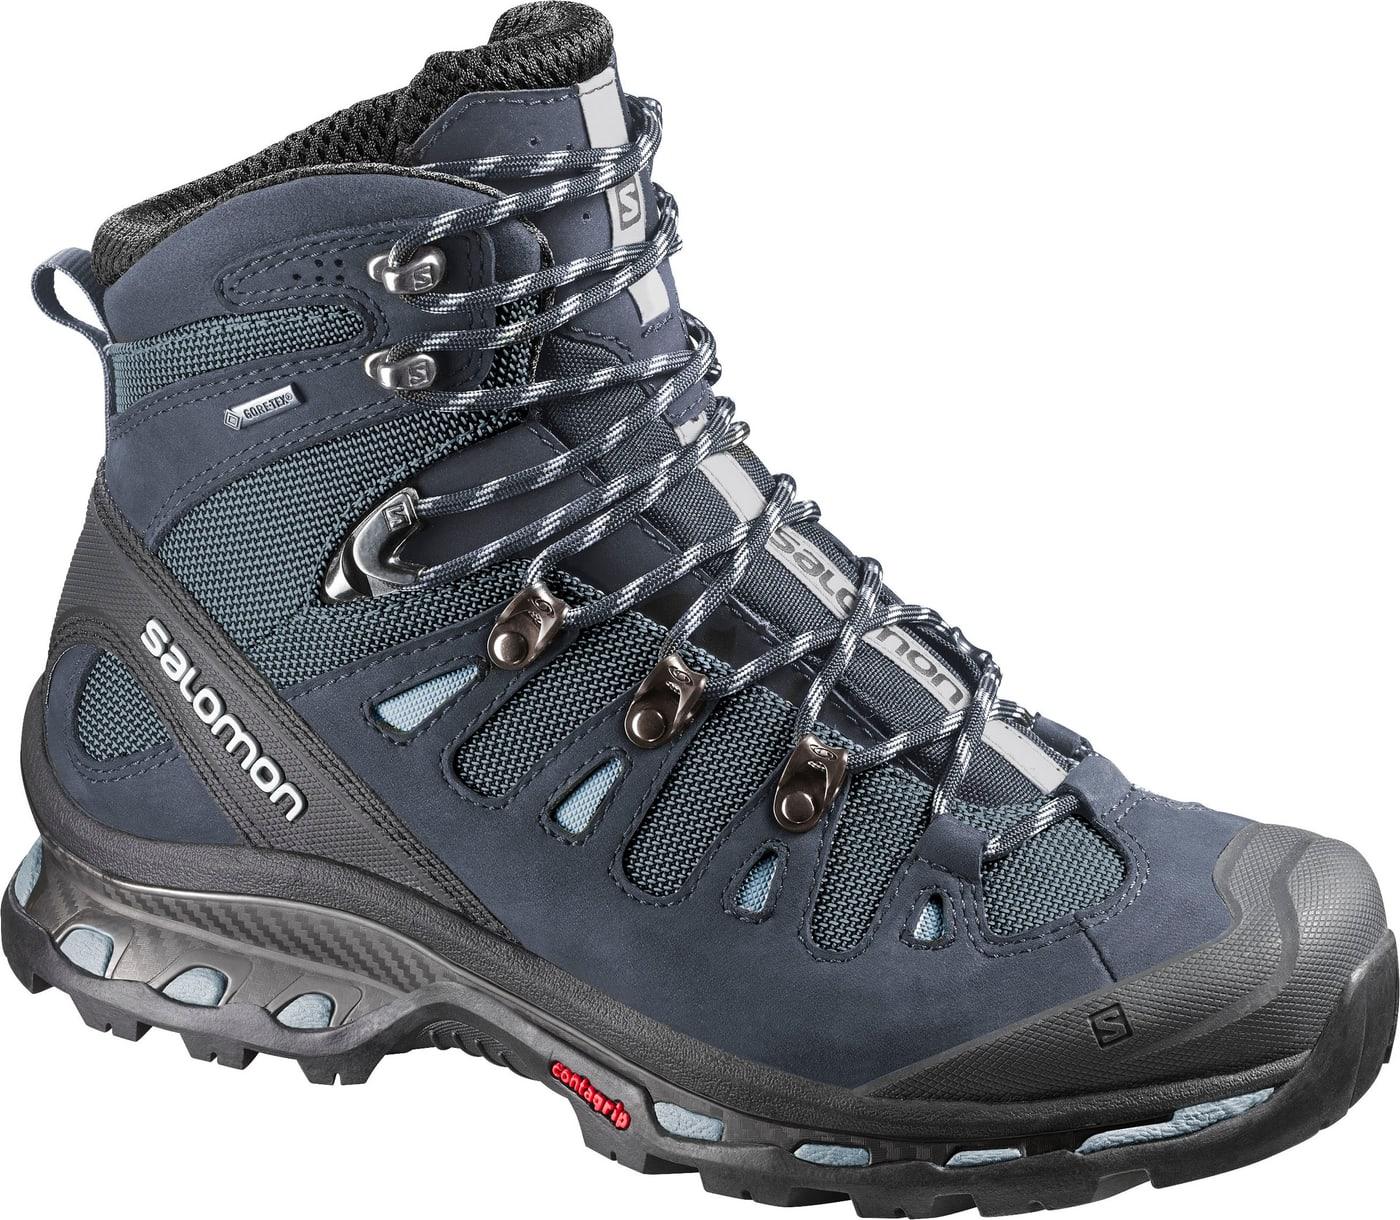 Salomon Gtx Quest Chaussures Pour De 2 FemmeMigros 4d Trekking EHIYWD29